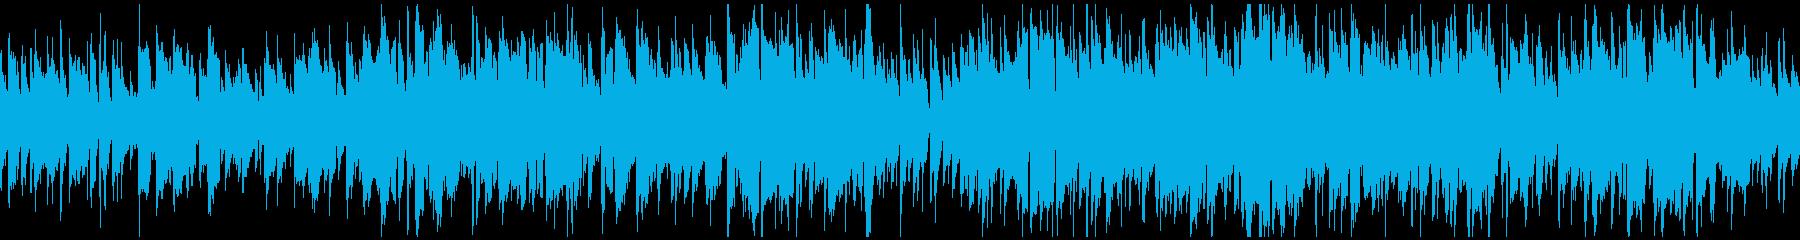 ゆったり系ボサノバ、カフェ ※ループ版の再生済みの波形